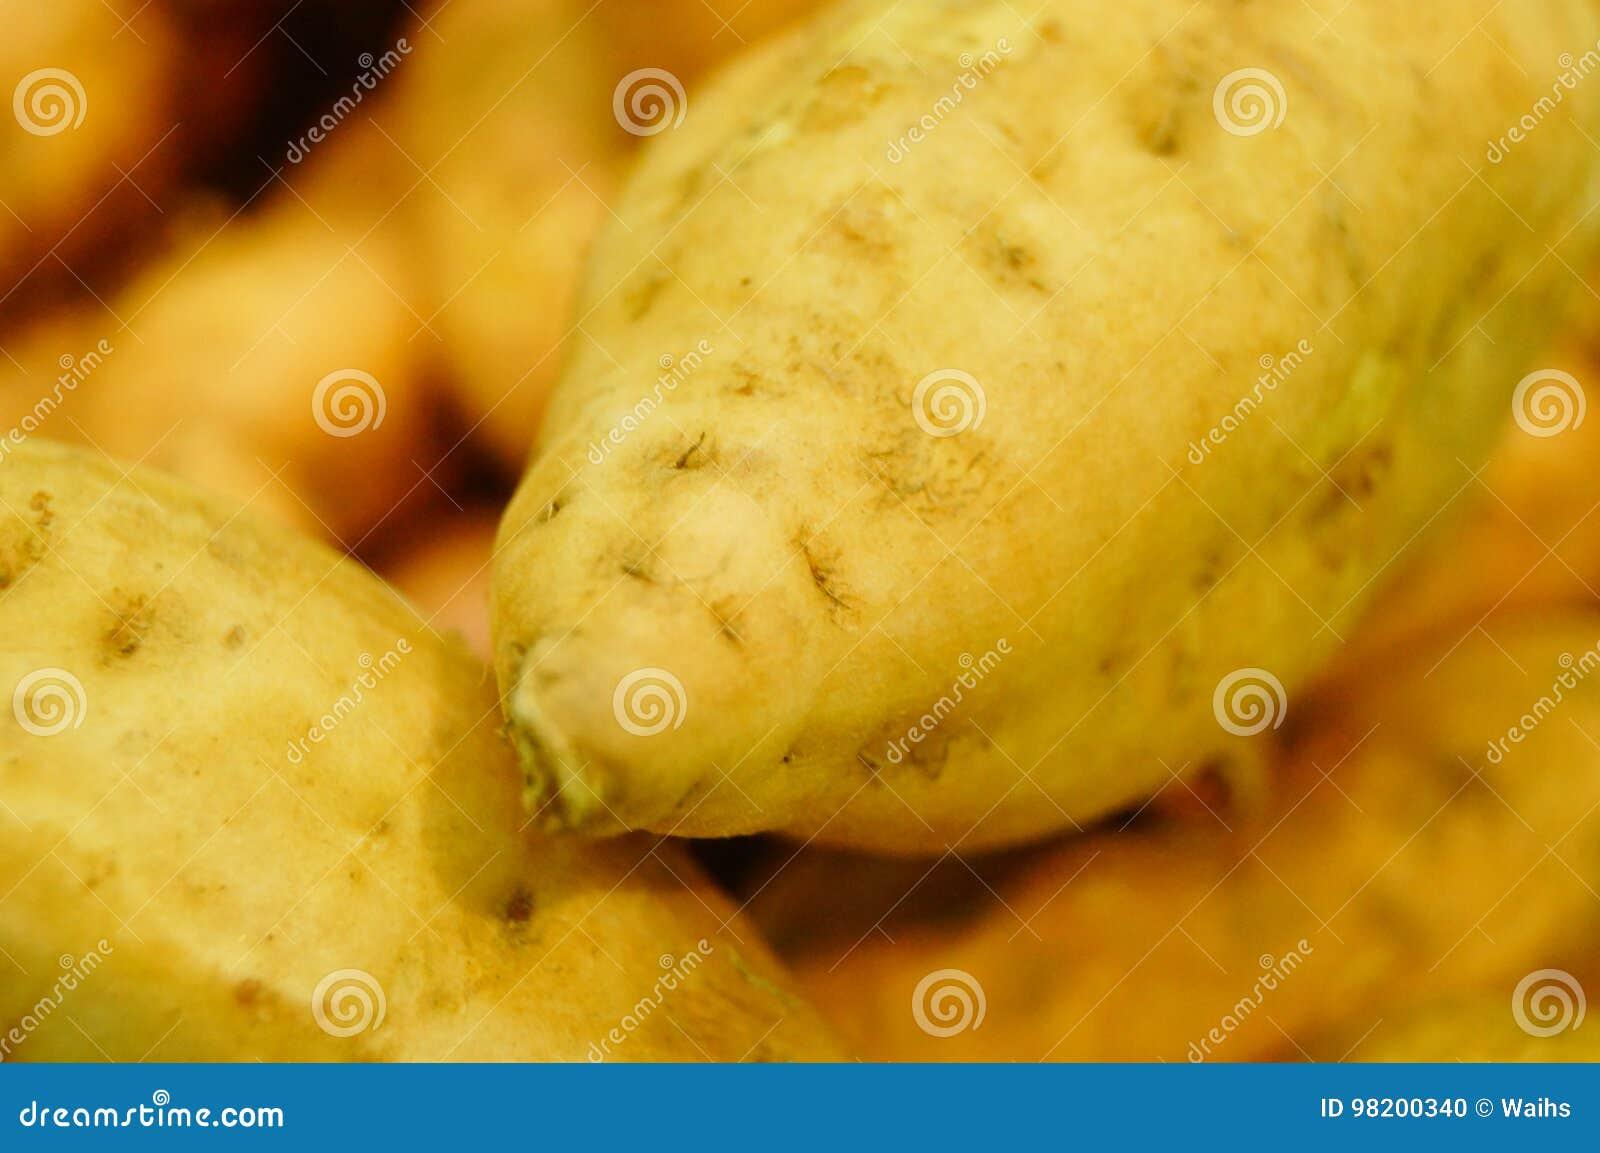 Download Сладкий картофель, произведенный в провинции Цзянси Китая Стоковое Фото - изображение насчитывающей aiders, еда: 98200340